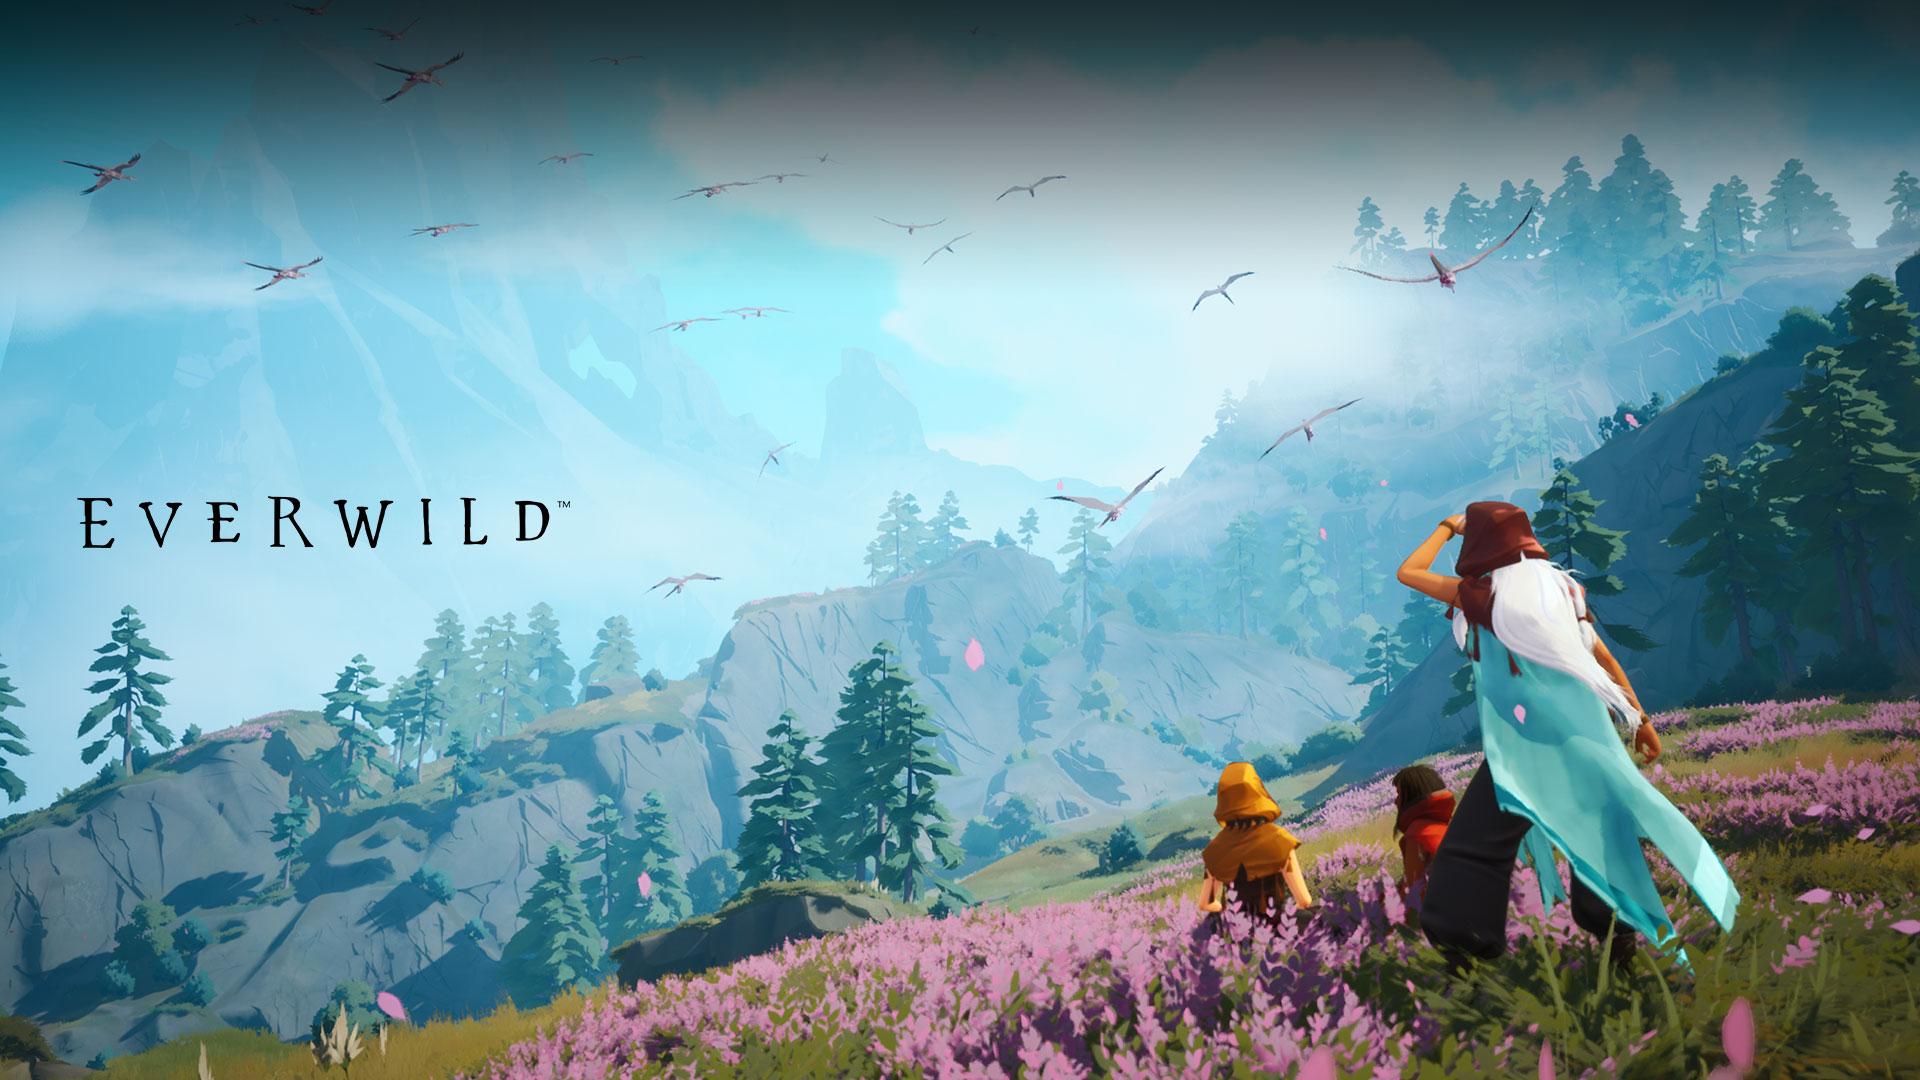 Everwild. Tre karakterer i en mark med bjerge, fugle og træer.